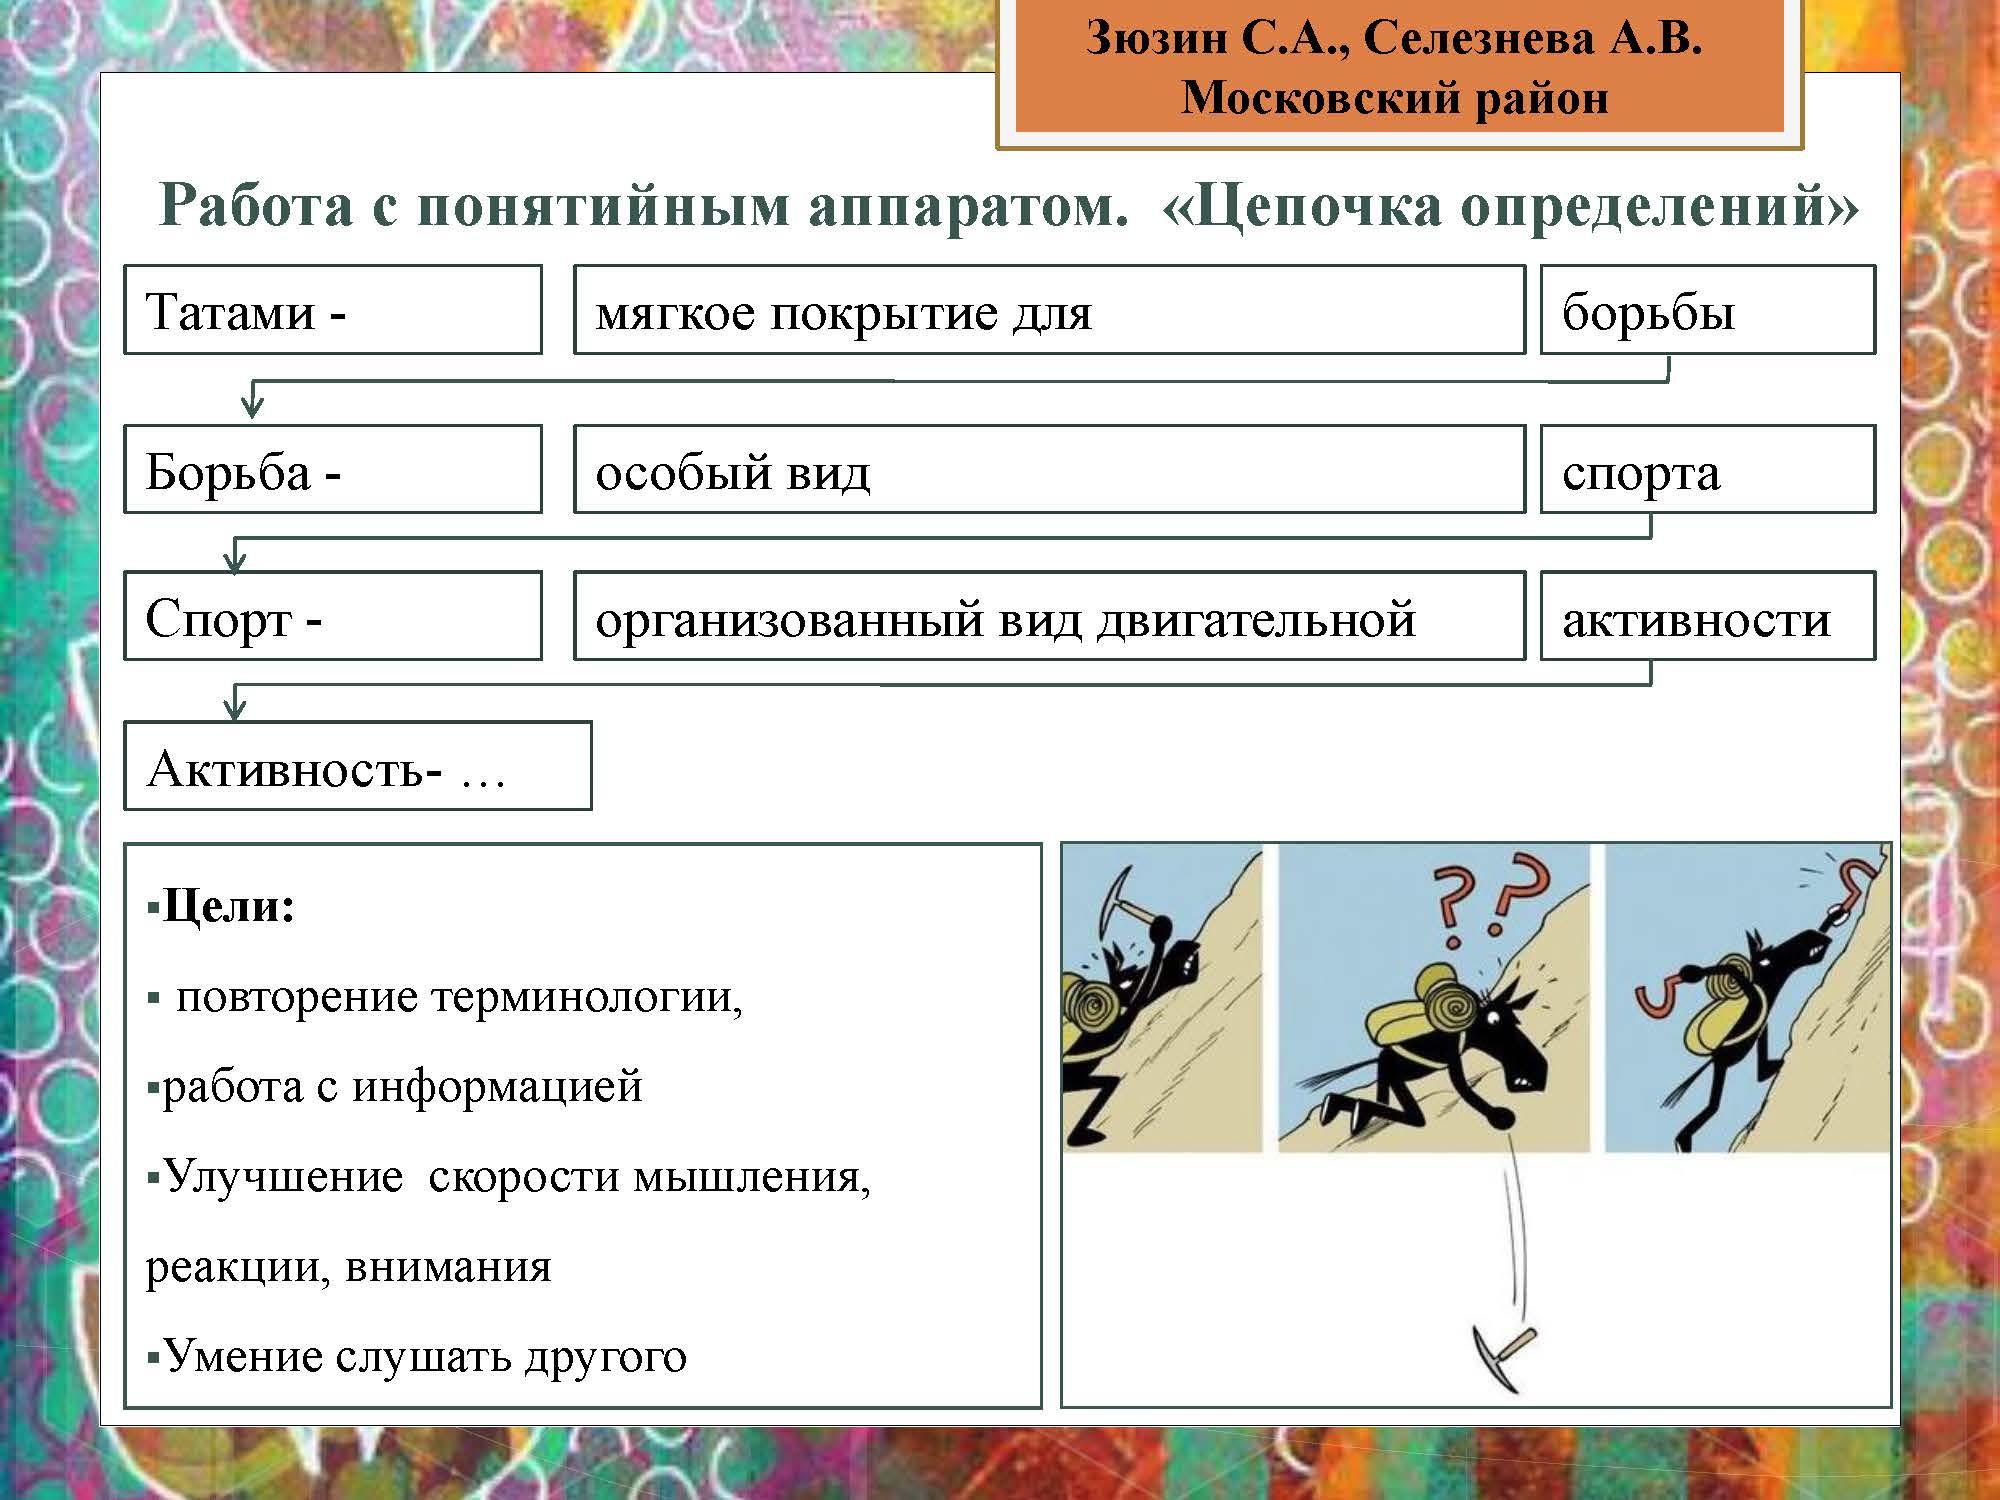 секция 8. ГБОУ 495. Московский район_Страница_15